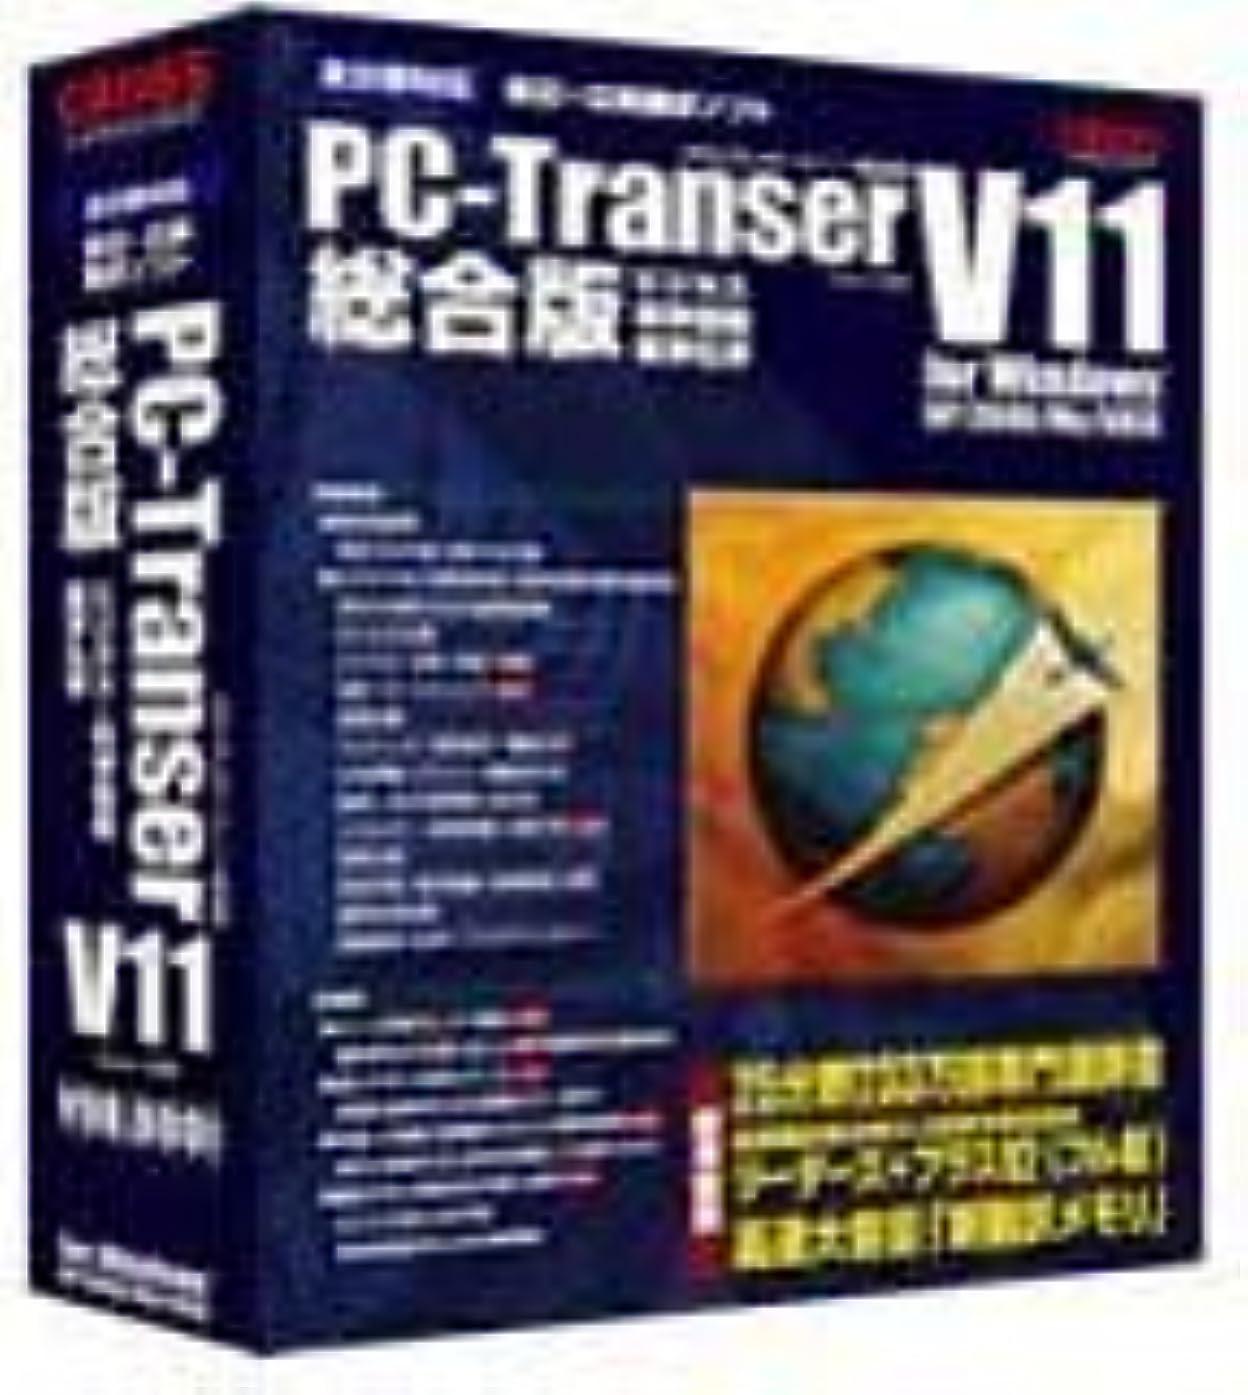 ヘビ奇跡メッシュPC-Transer V11 for Windows 総合版 (特価)